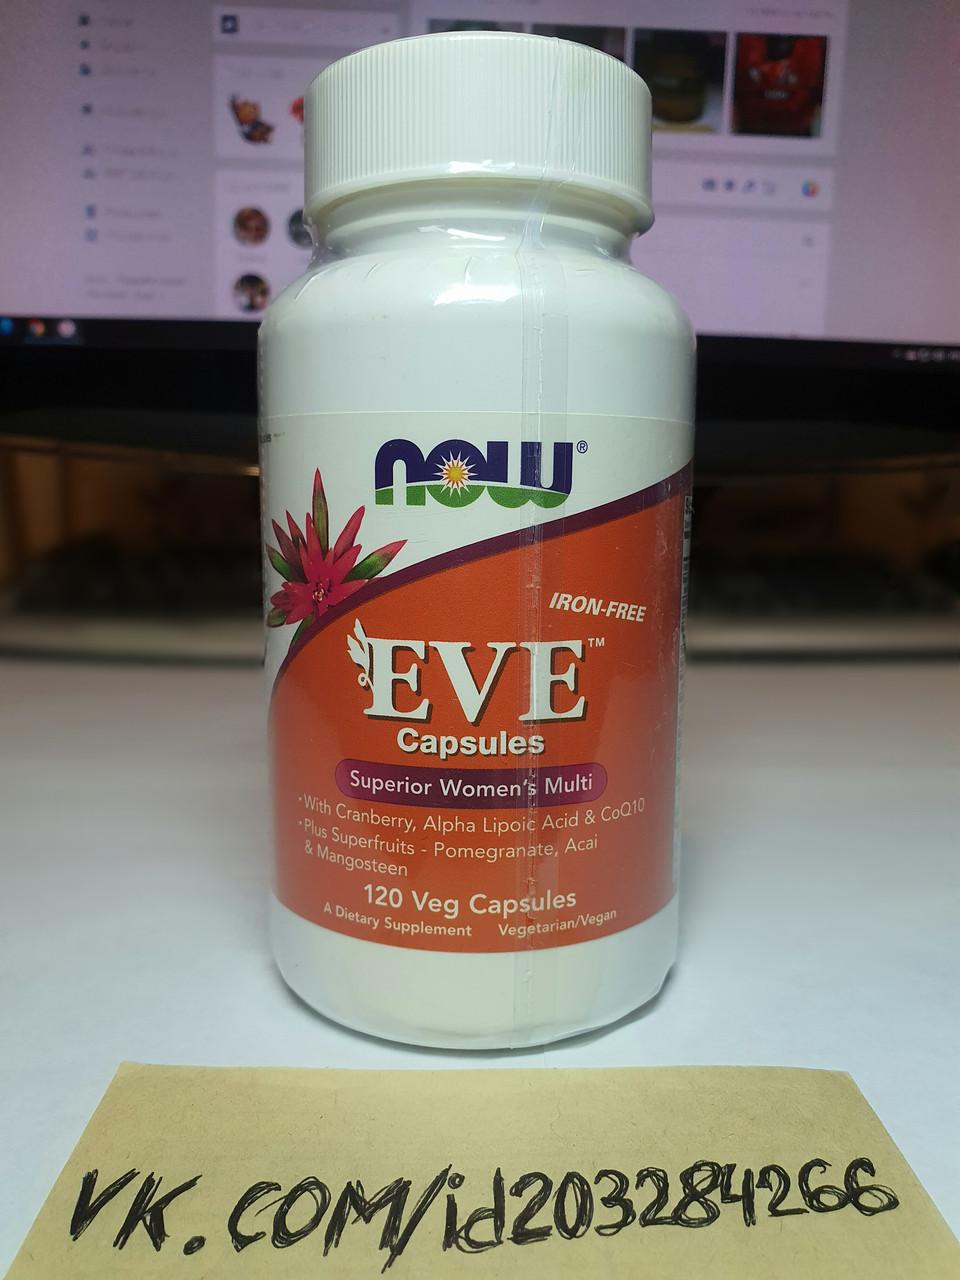 Витамины для женщин NOW Eve 120 вег. капсулы